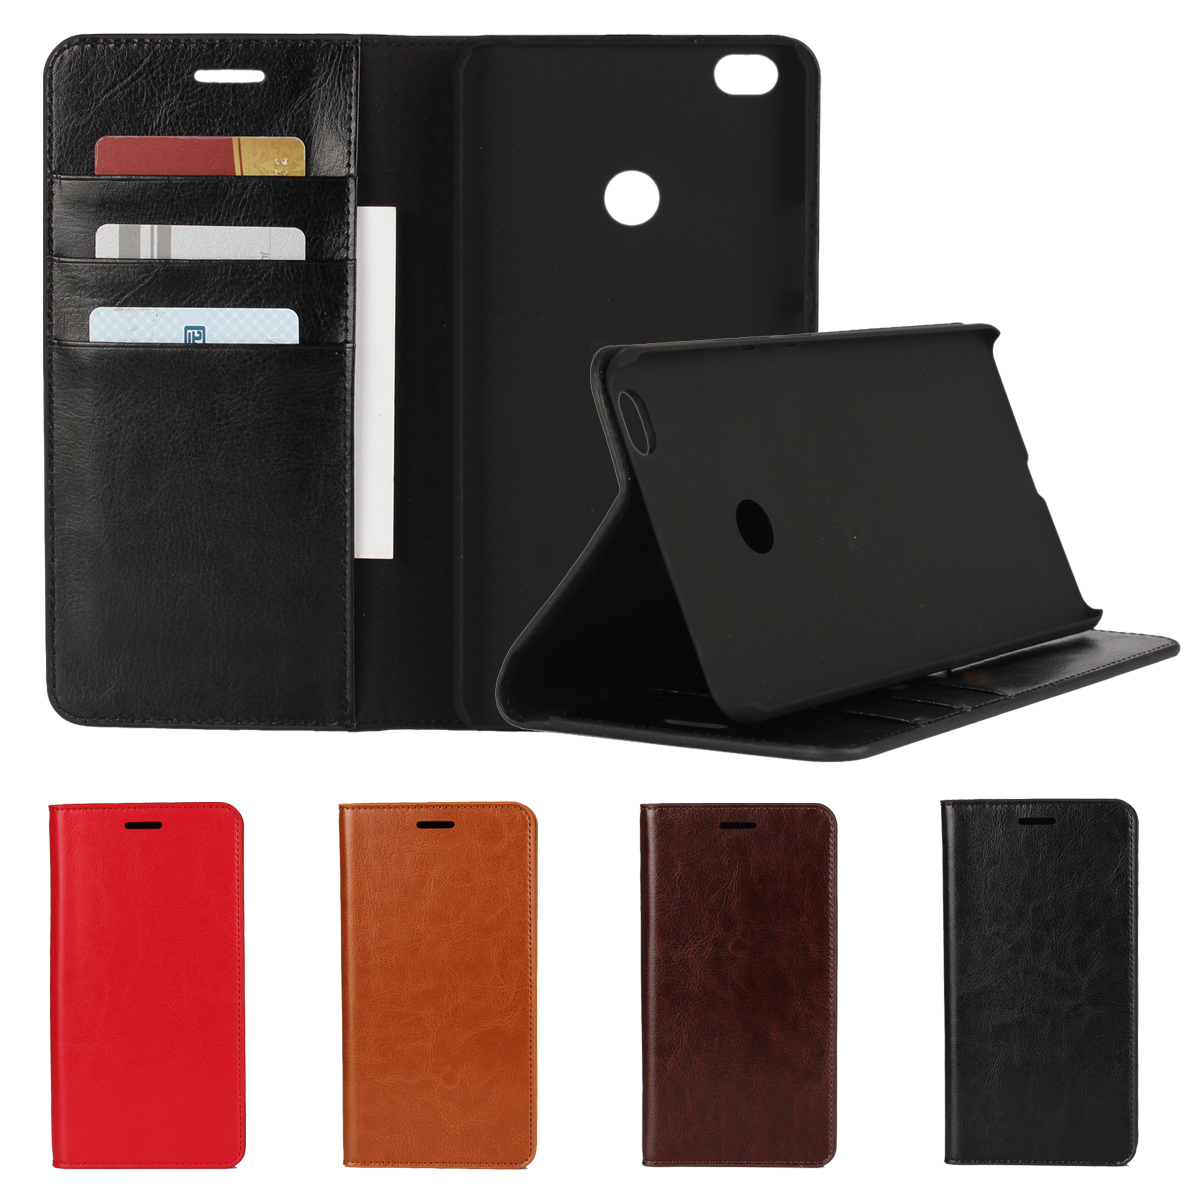 bilder für Deluxe Geldbörse Fall Für Xiaomi Mi Max premium ledertasche Xiaomi Mi Max 6,44-zoll Flip Abdeckung Telefon Taschen freies Verschiffen